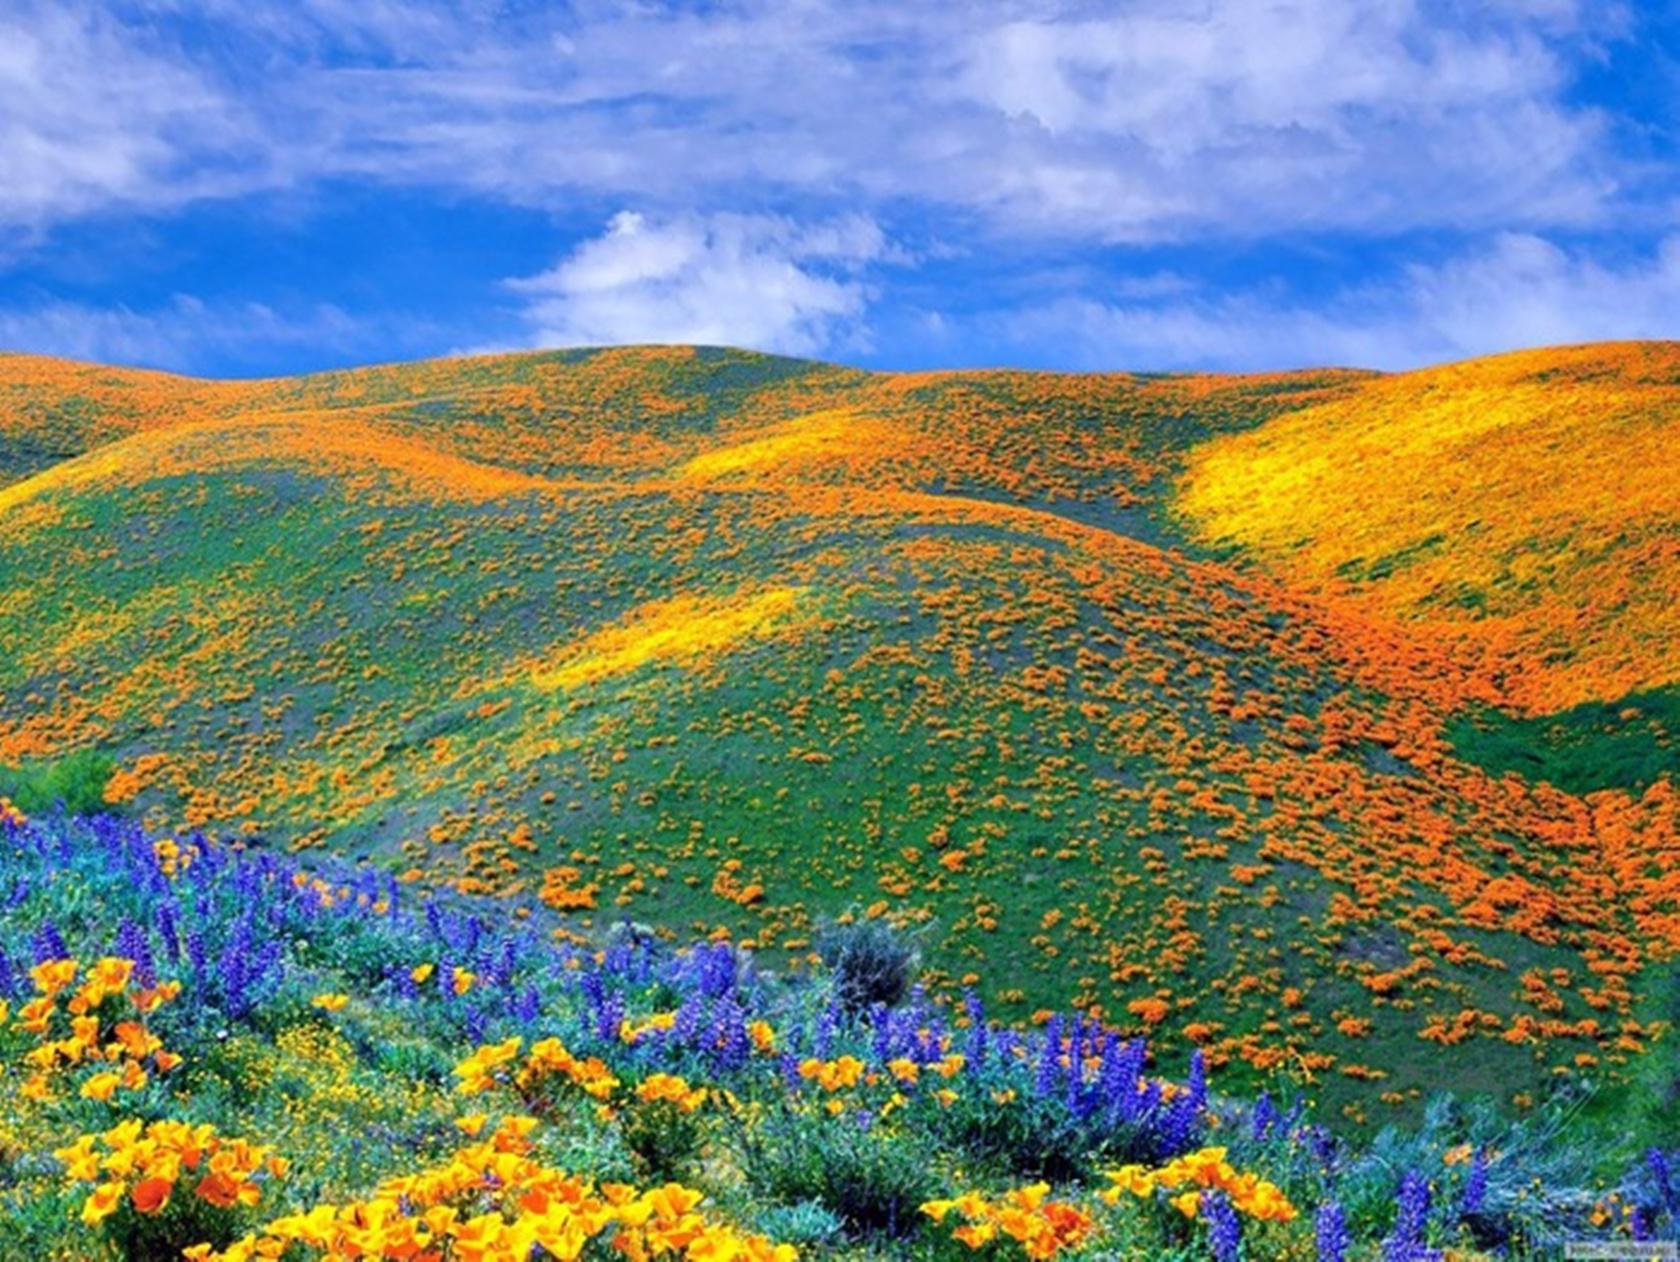 Colorful Nature Wallpapers - WallpaperSafari